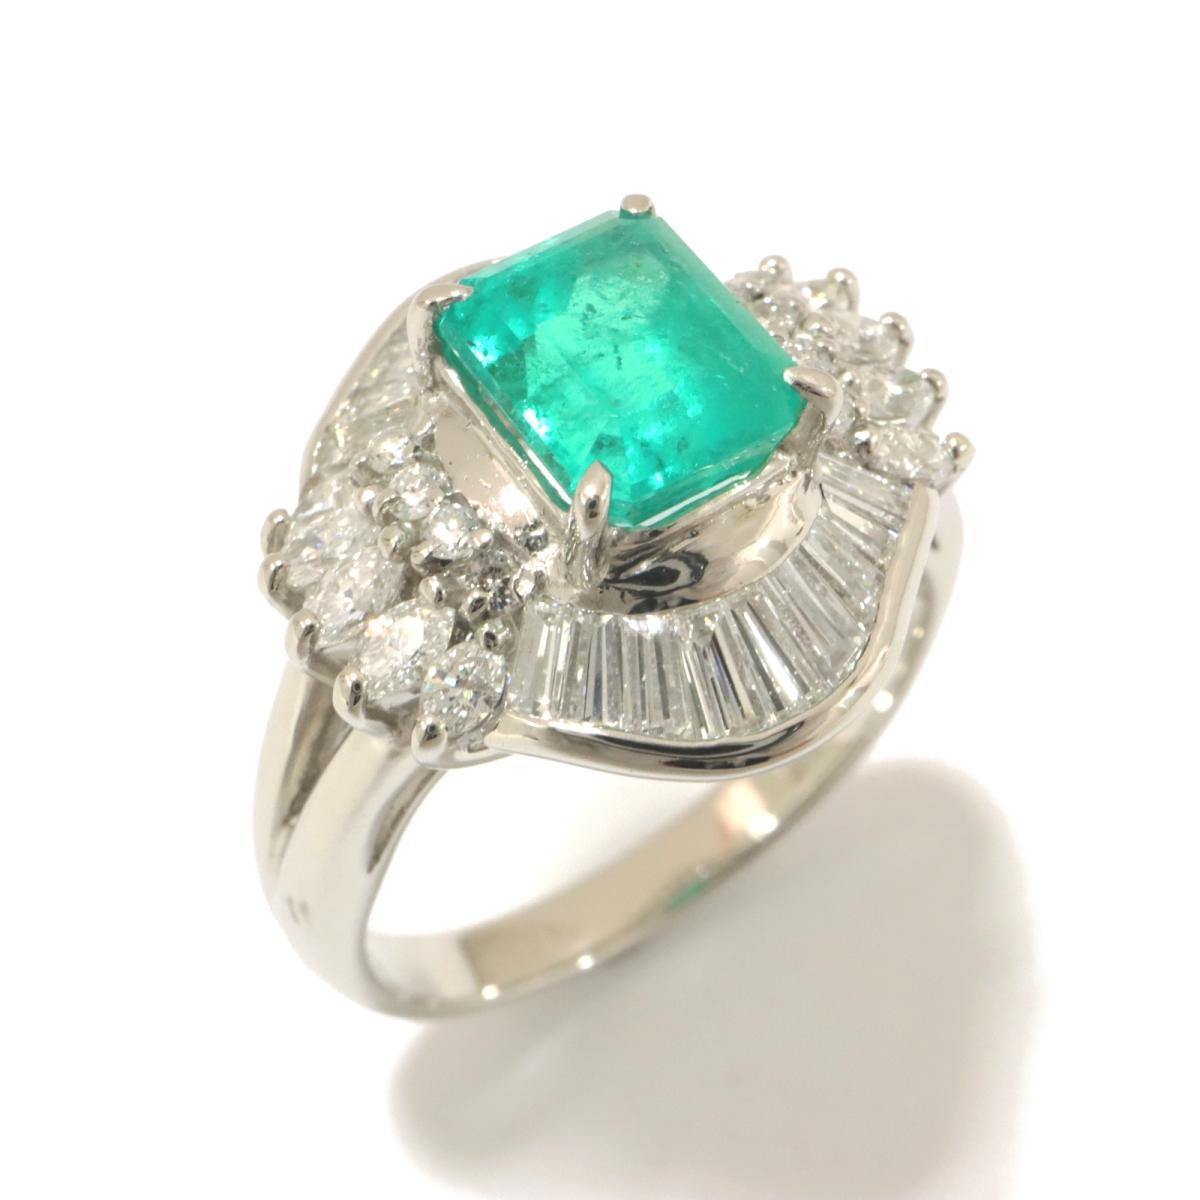 【中古】ジュエリー エメラルド リング 指輪 ノーブランドジュエリー レディース PT850 プラチナ x エメラルド(1.39ct) x ダイヤモンド(1.05ct) グリーン x クリアー x シルバー